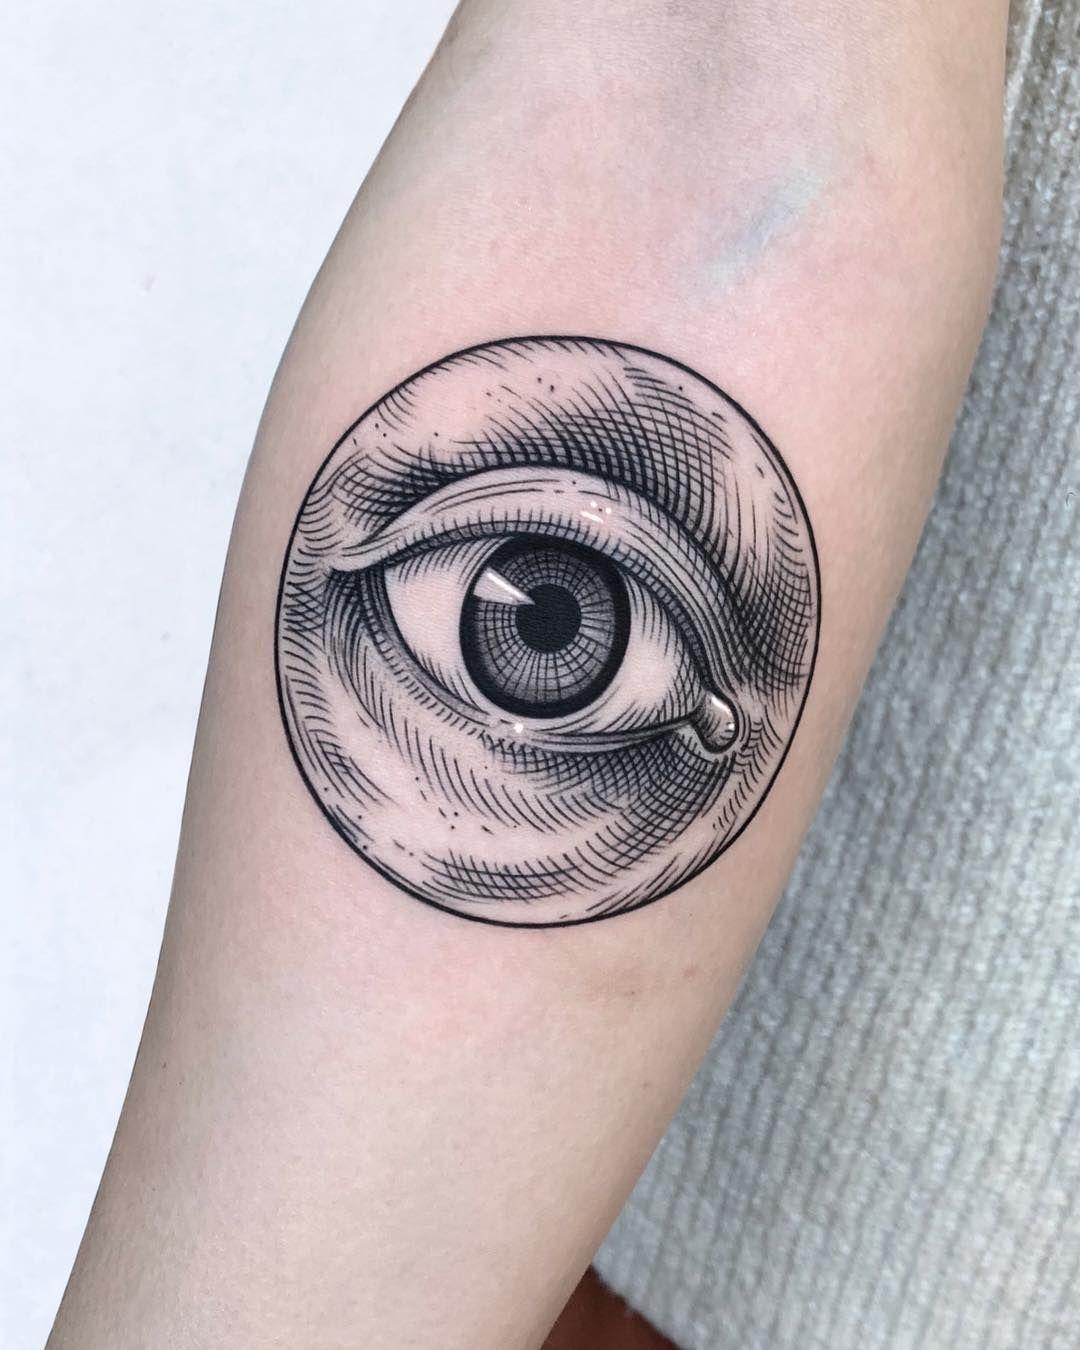 Eye tattoo fine line blackwork tattoo Blue ink tattoos